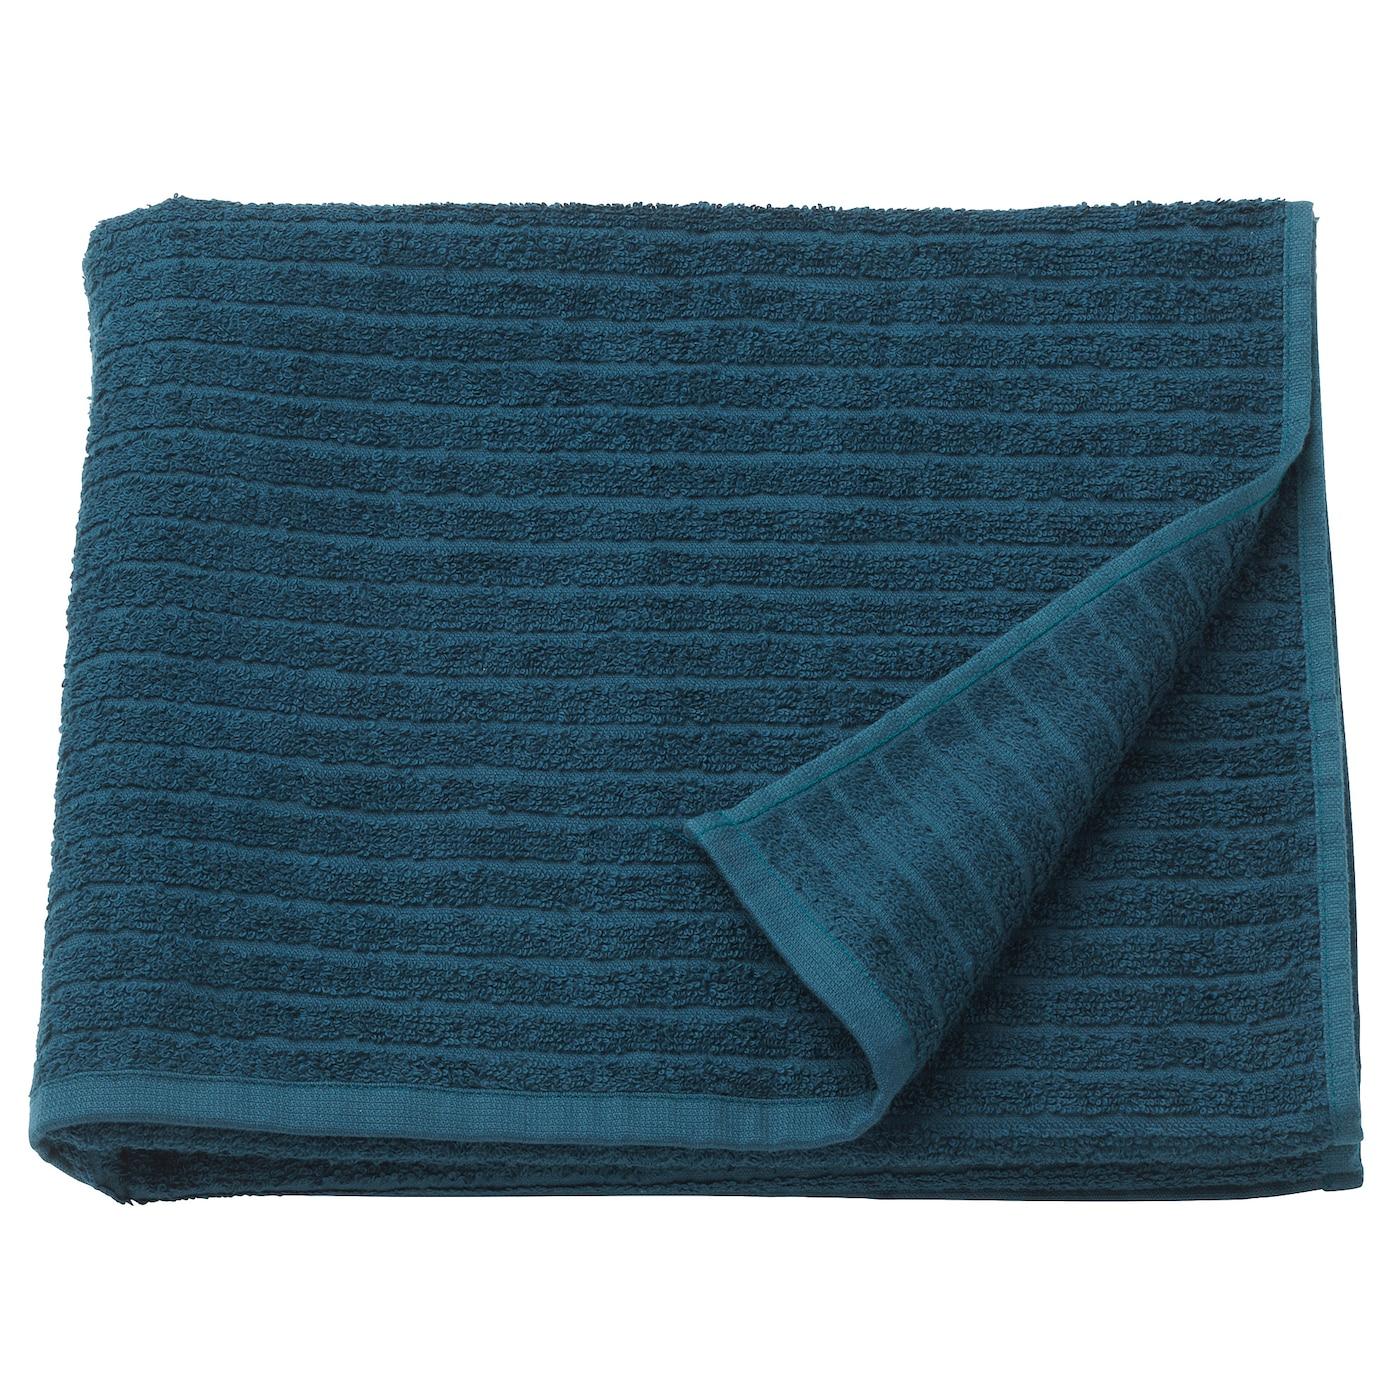 v gsj n drap de bain bleu fonc 70x140 cm ikea. Black Bedroom Furniture Sets. Home Design Ideas